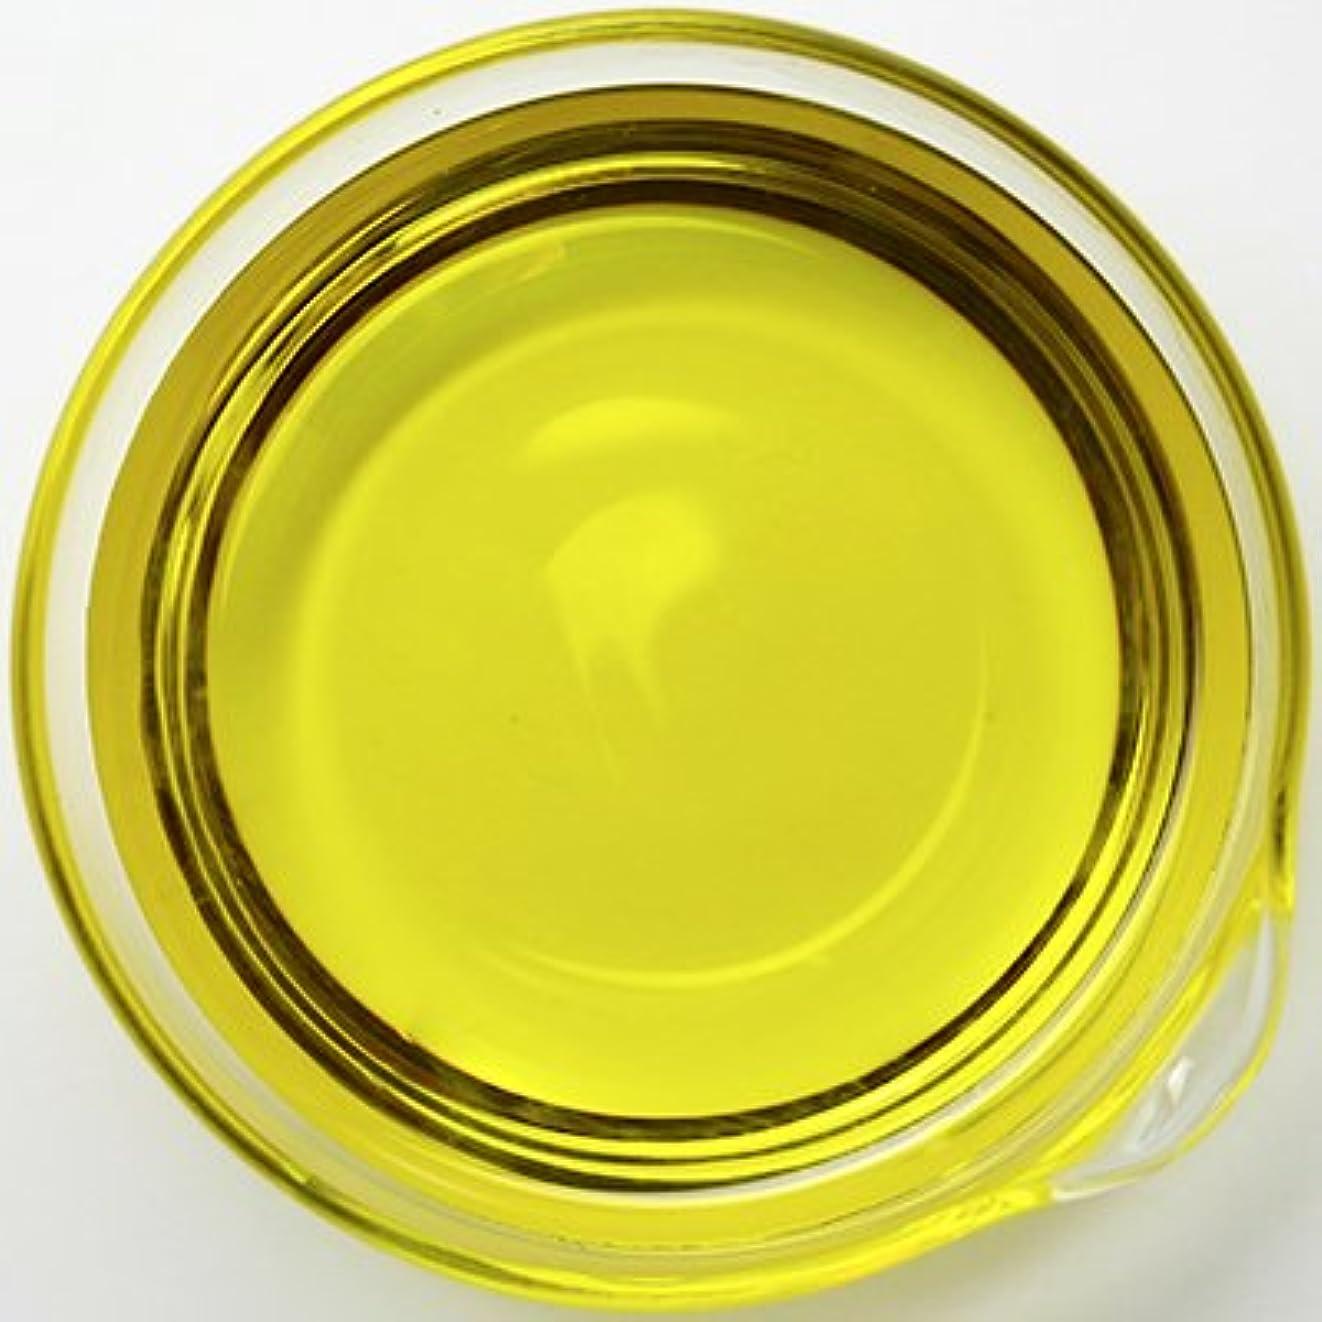 バルクあさりそこオーガニック アルニカオイル [アルニカ抽出油] 1L 【アルニカ油/手作り石鹸/手作りコスメ/美容オイル/キャリアオイル/マッサージオイル】